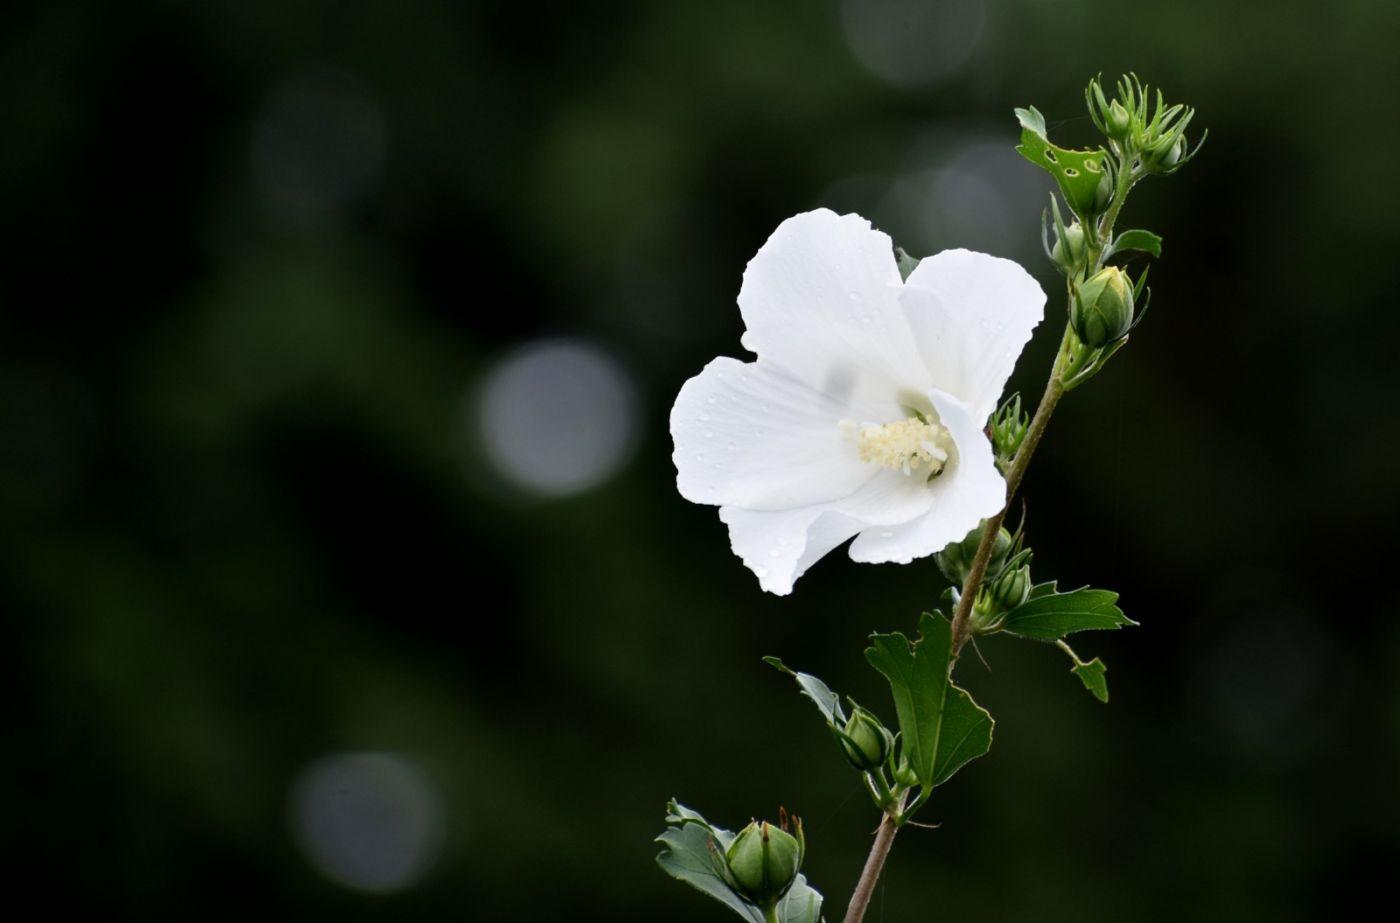 白花木槿_图1-11